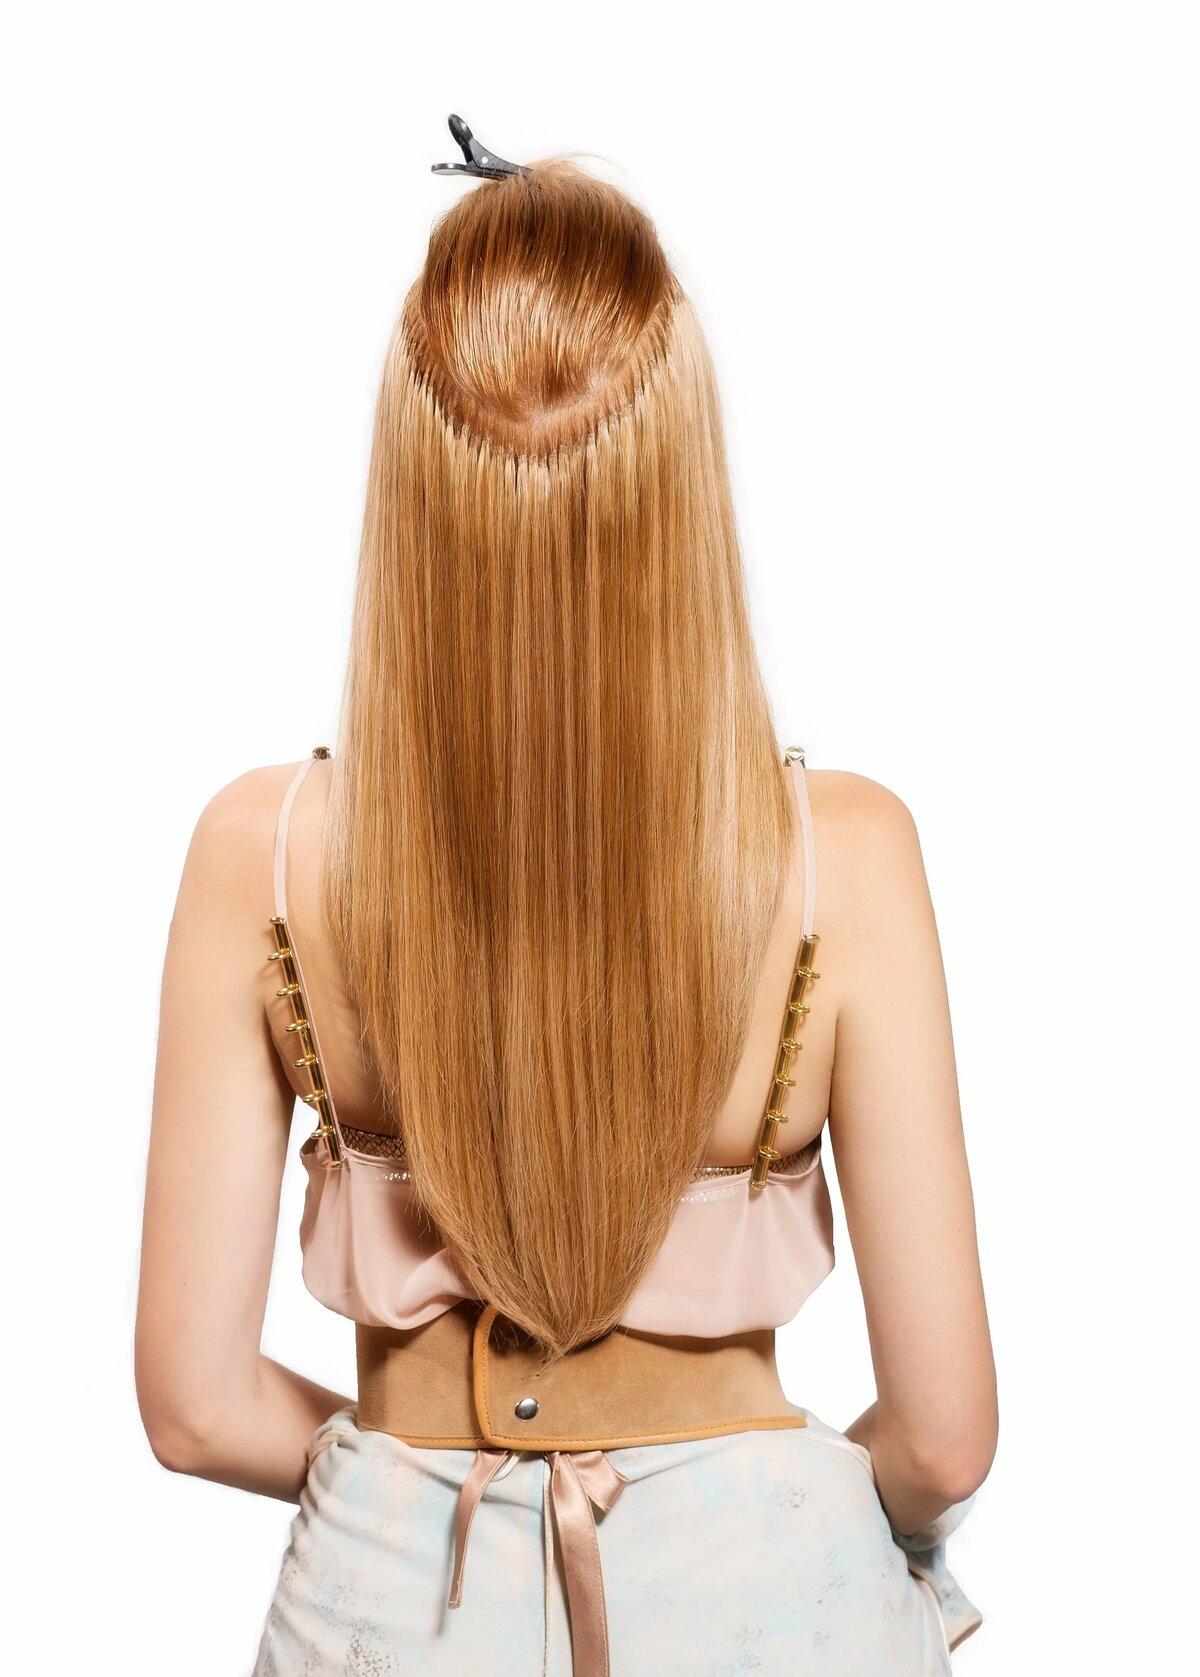 ряд на волосах картинка память